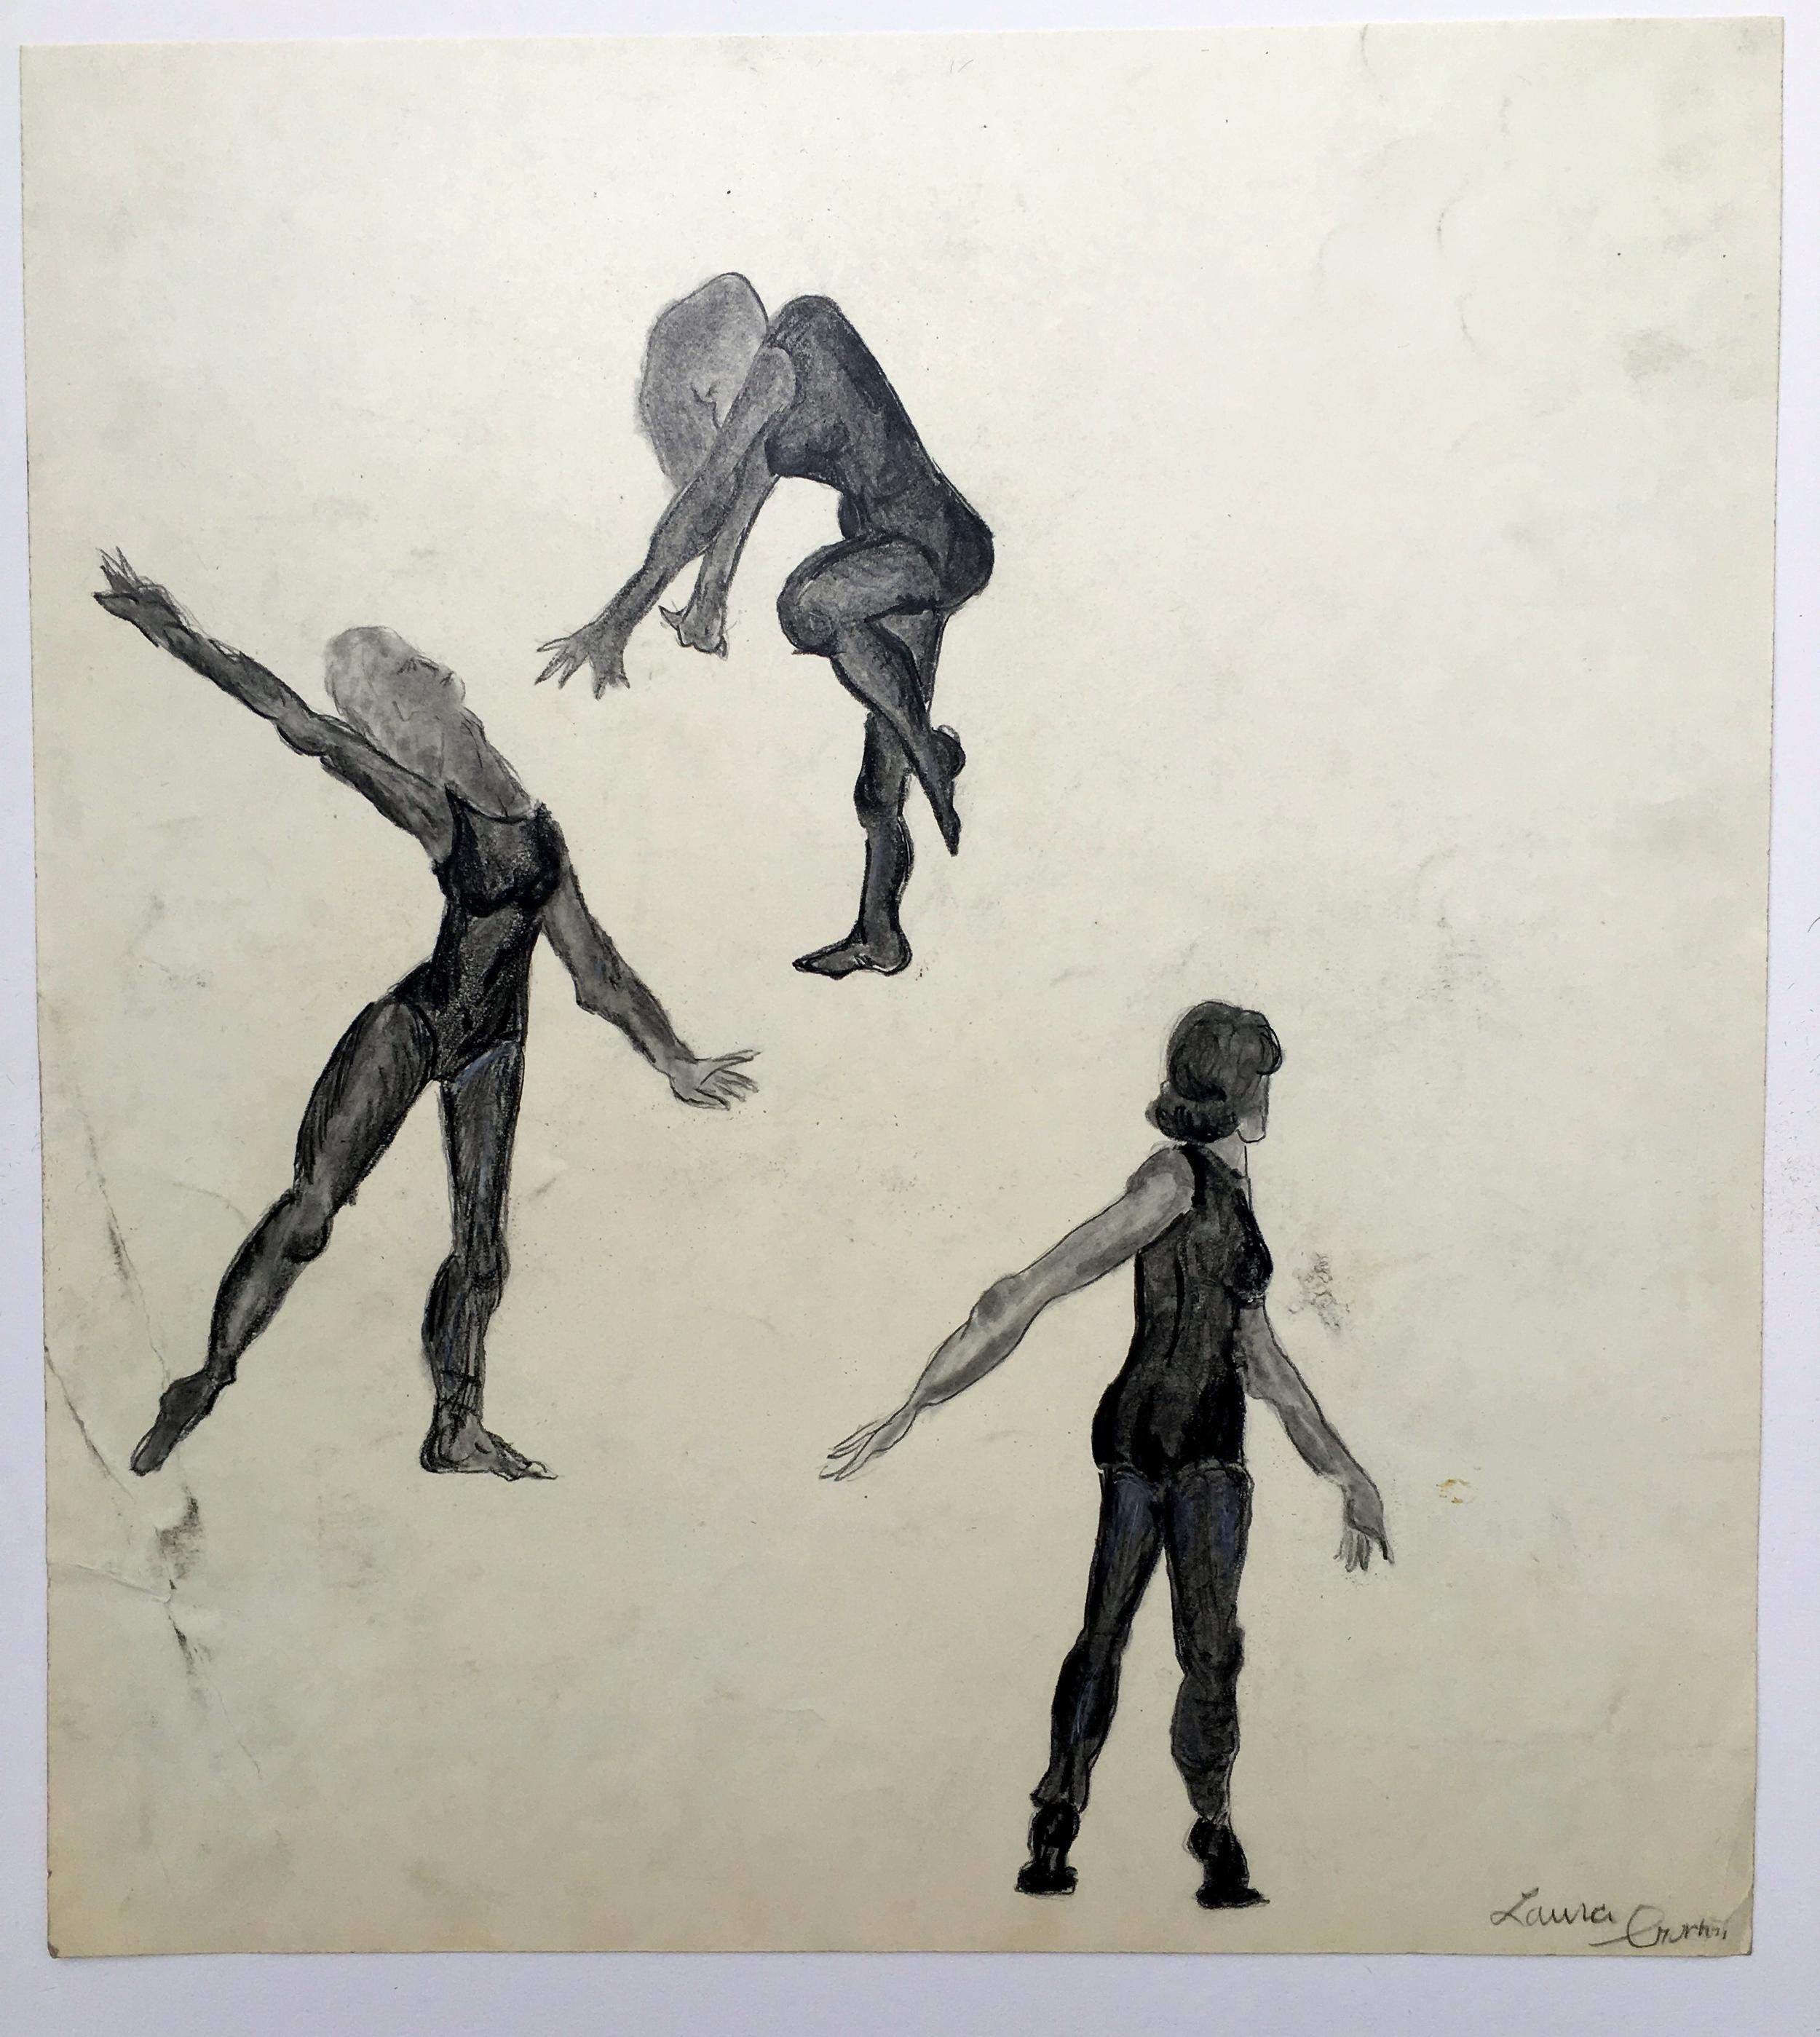 Gurton - Dance figures, pencil.jpg